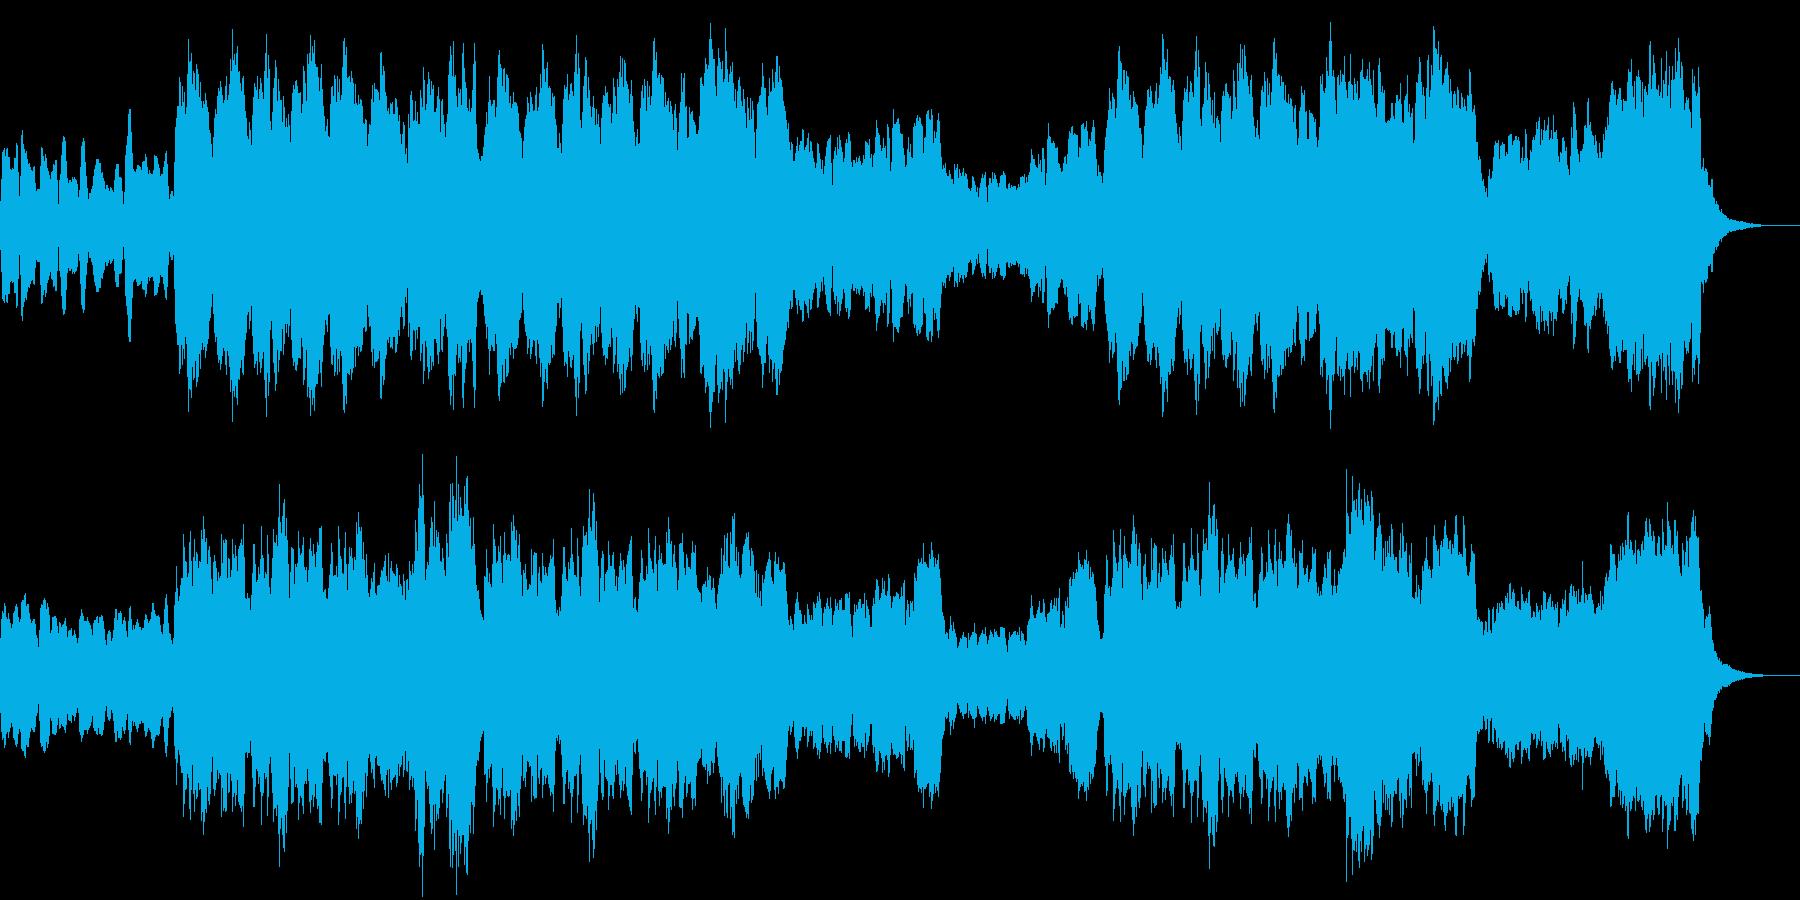 ワーグナー/結婚行進曲/パイプオルガンの再生済みの波形